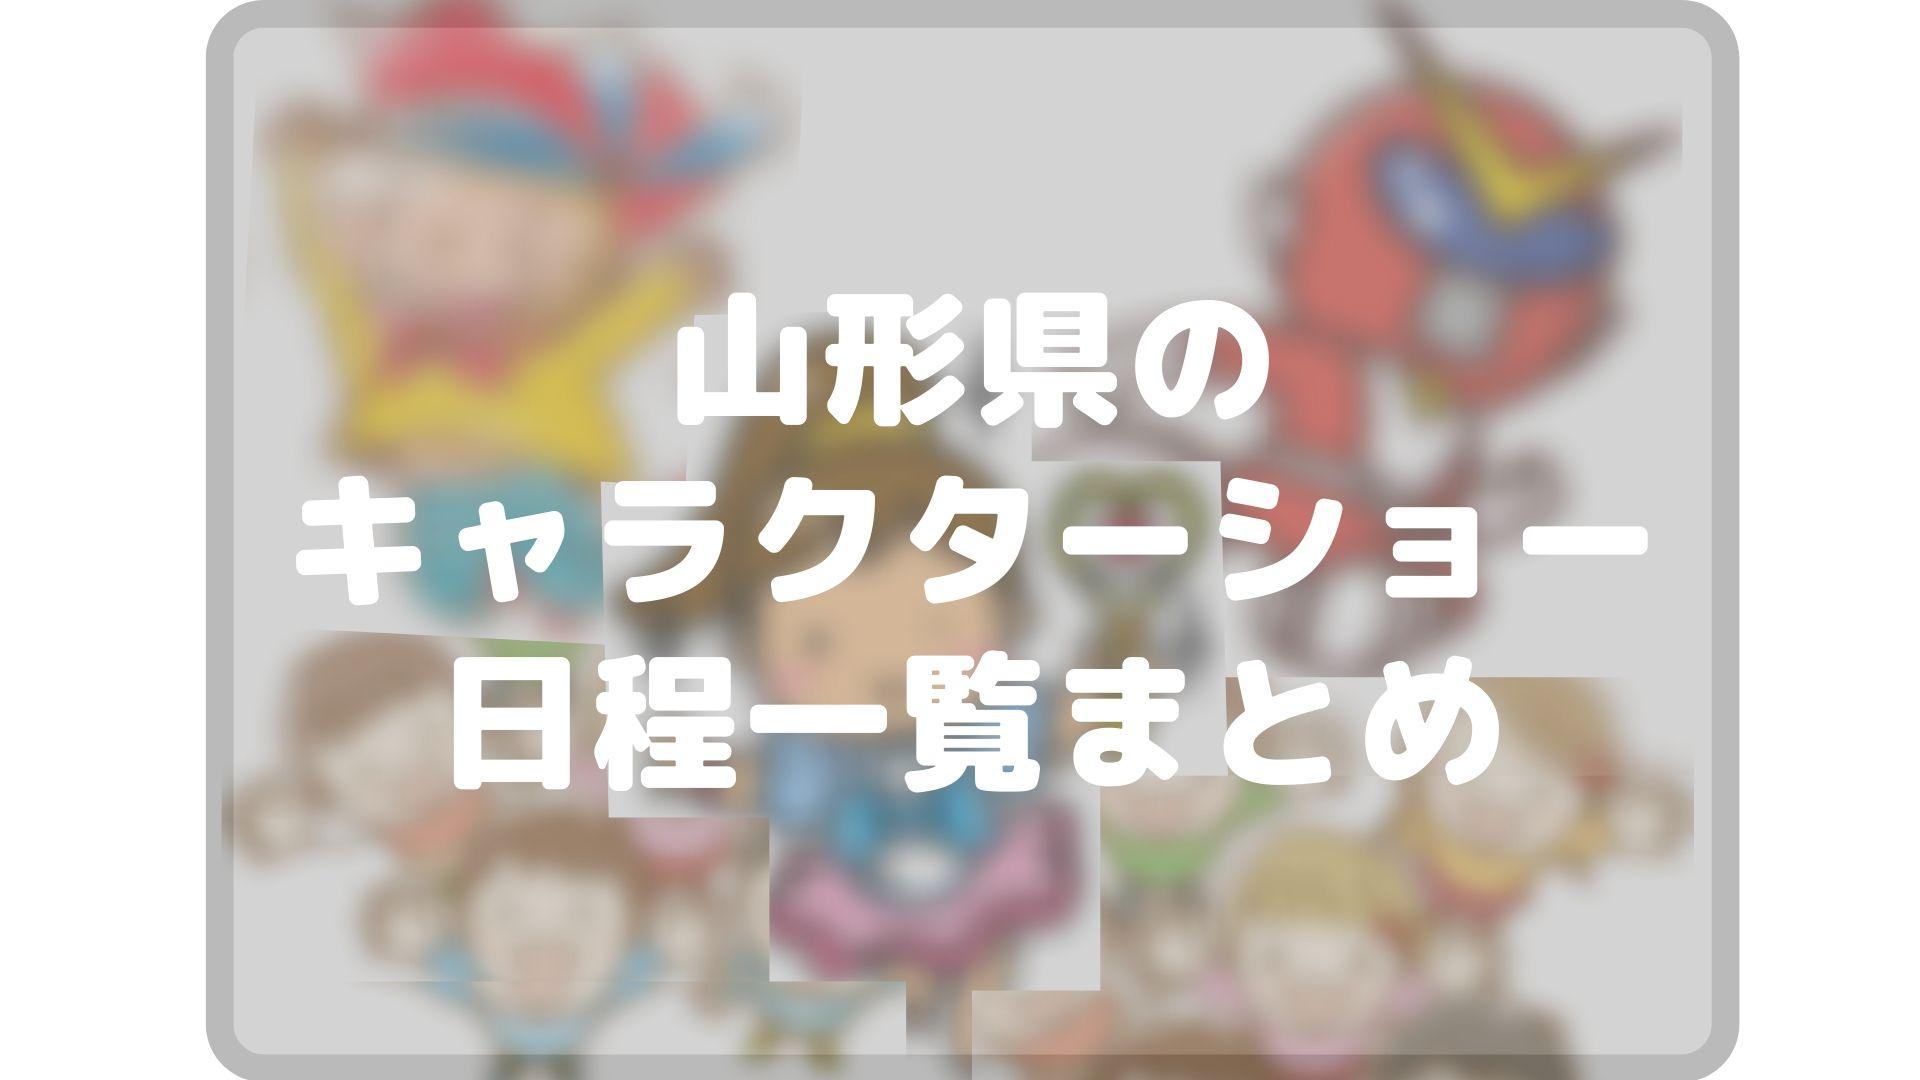 山形県のキャラクターショーまとめタイトル画像